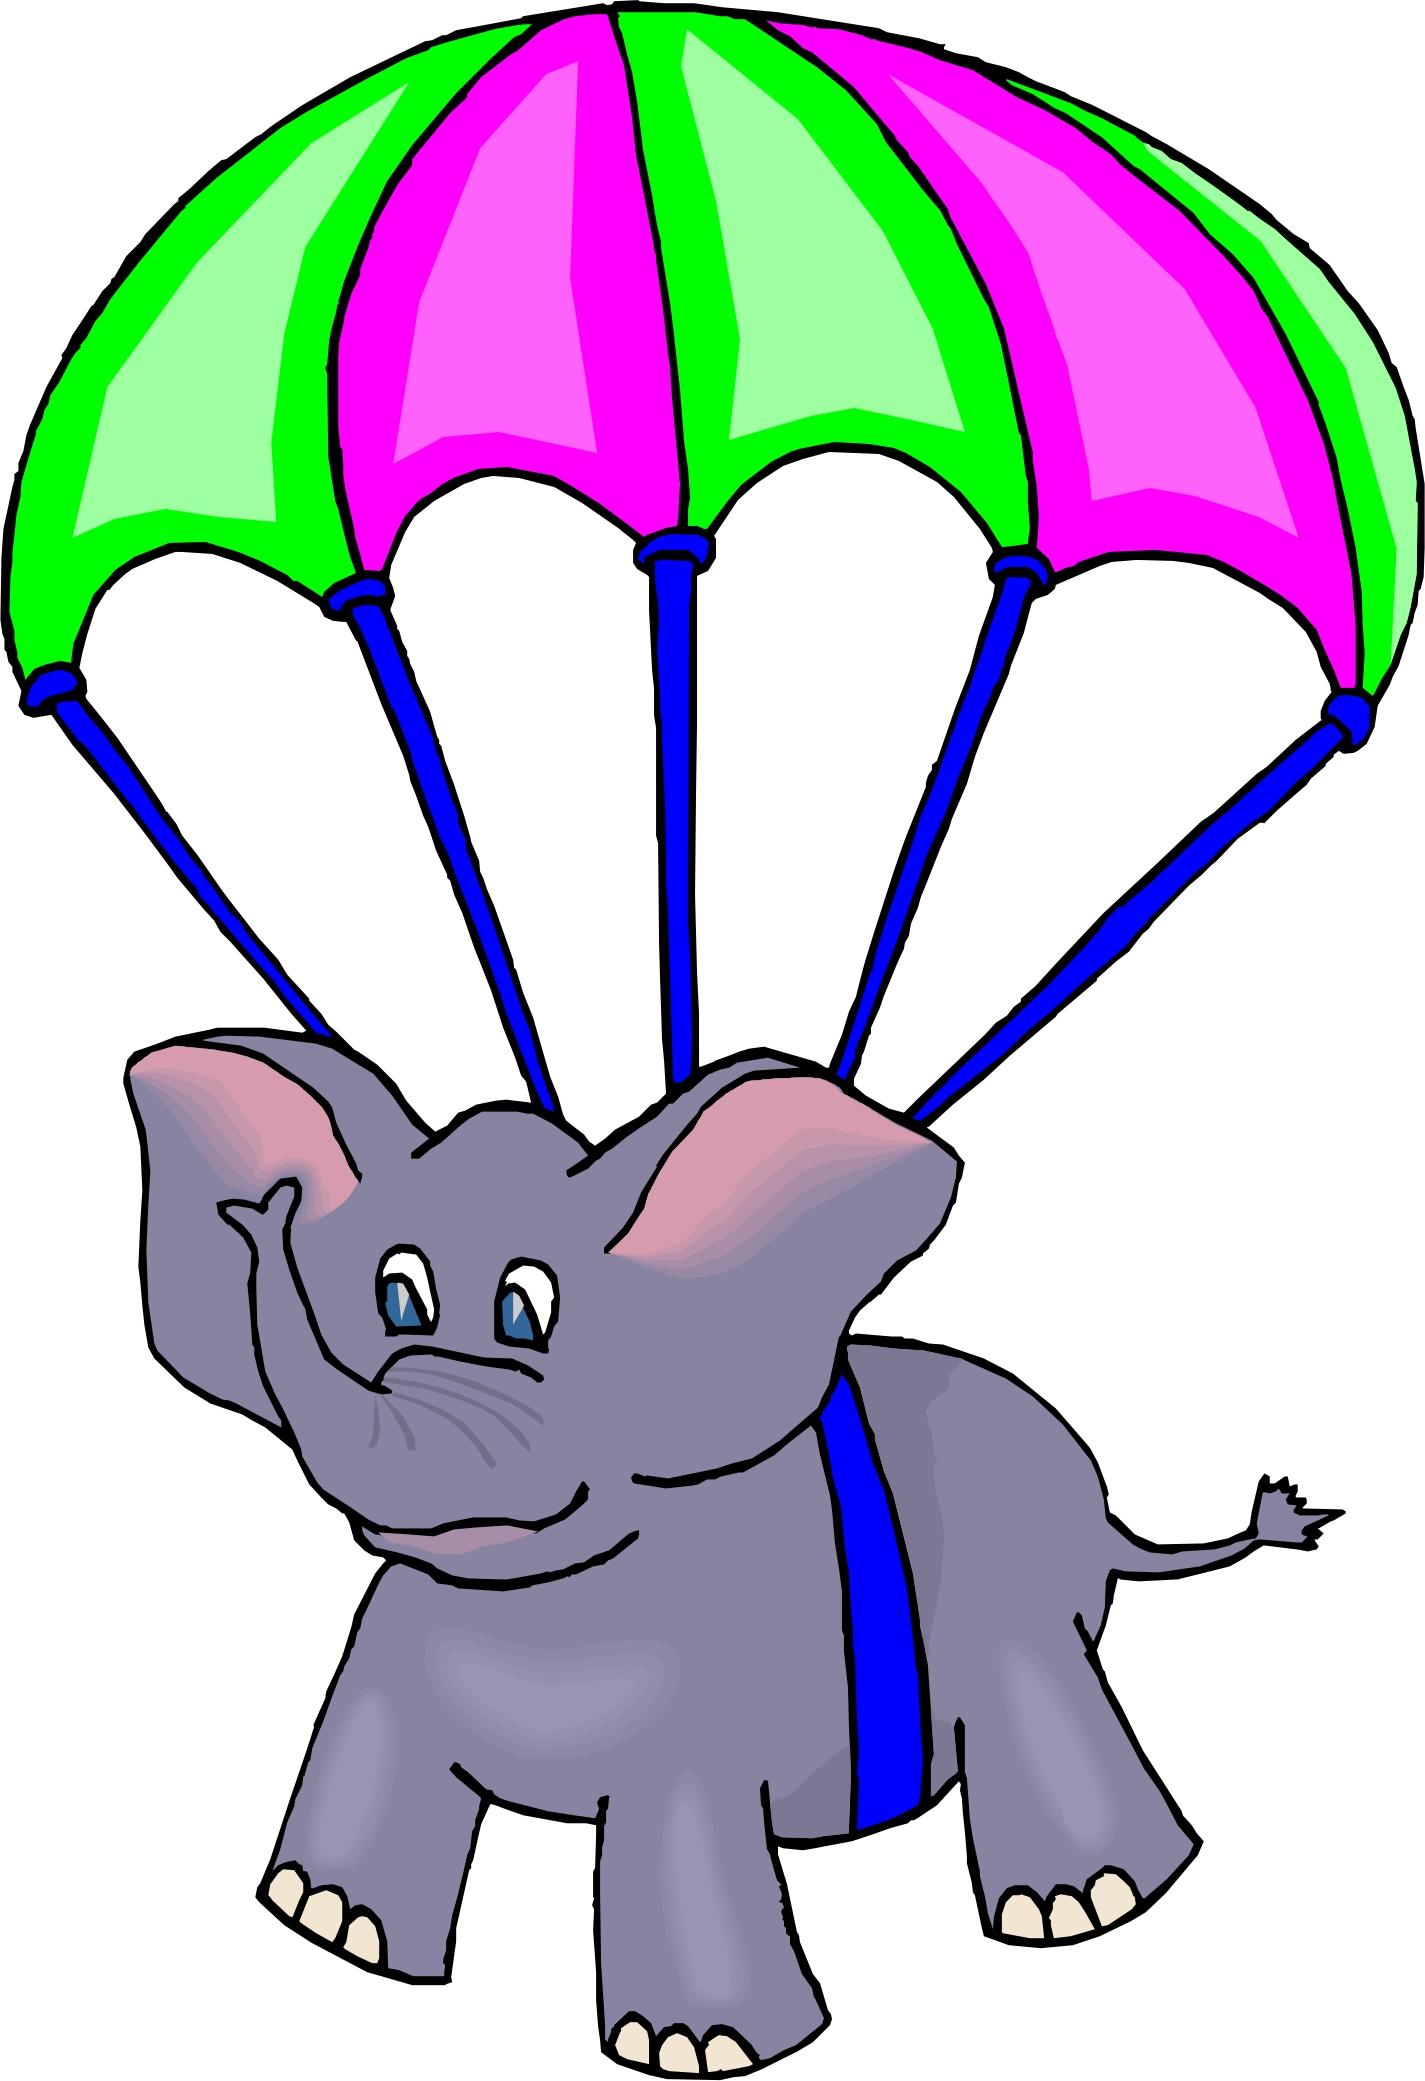 Parachutes clipart #12